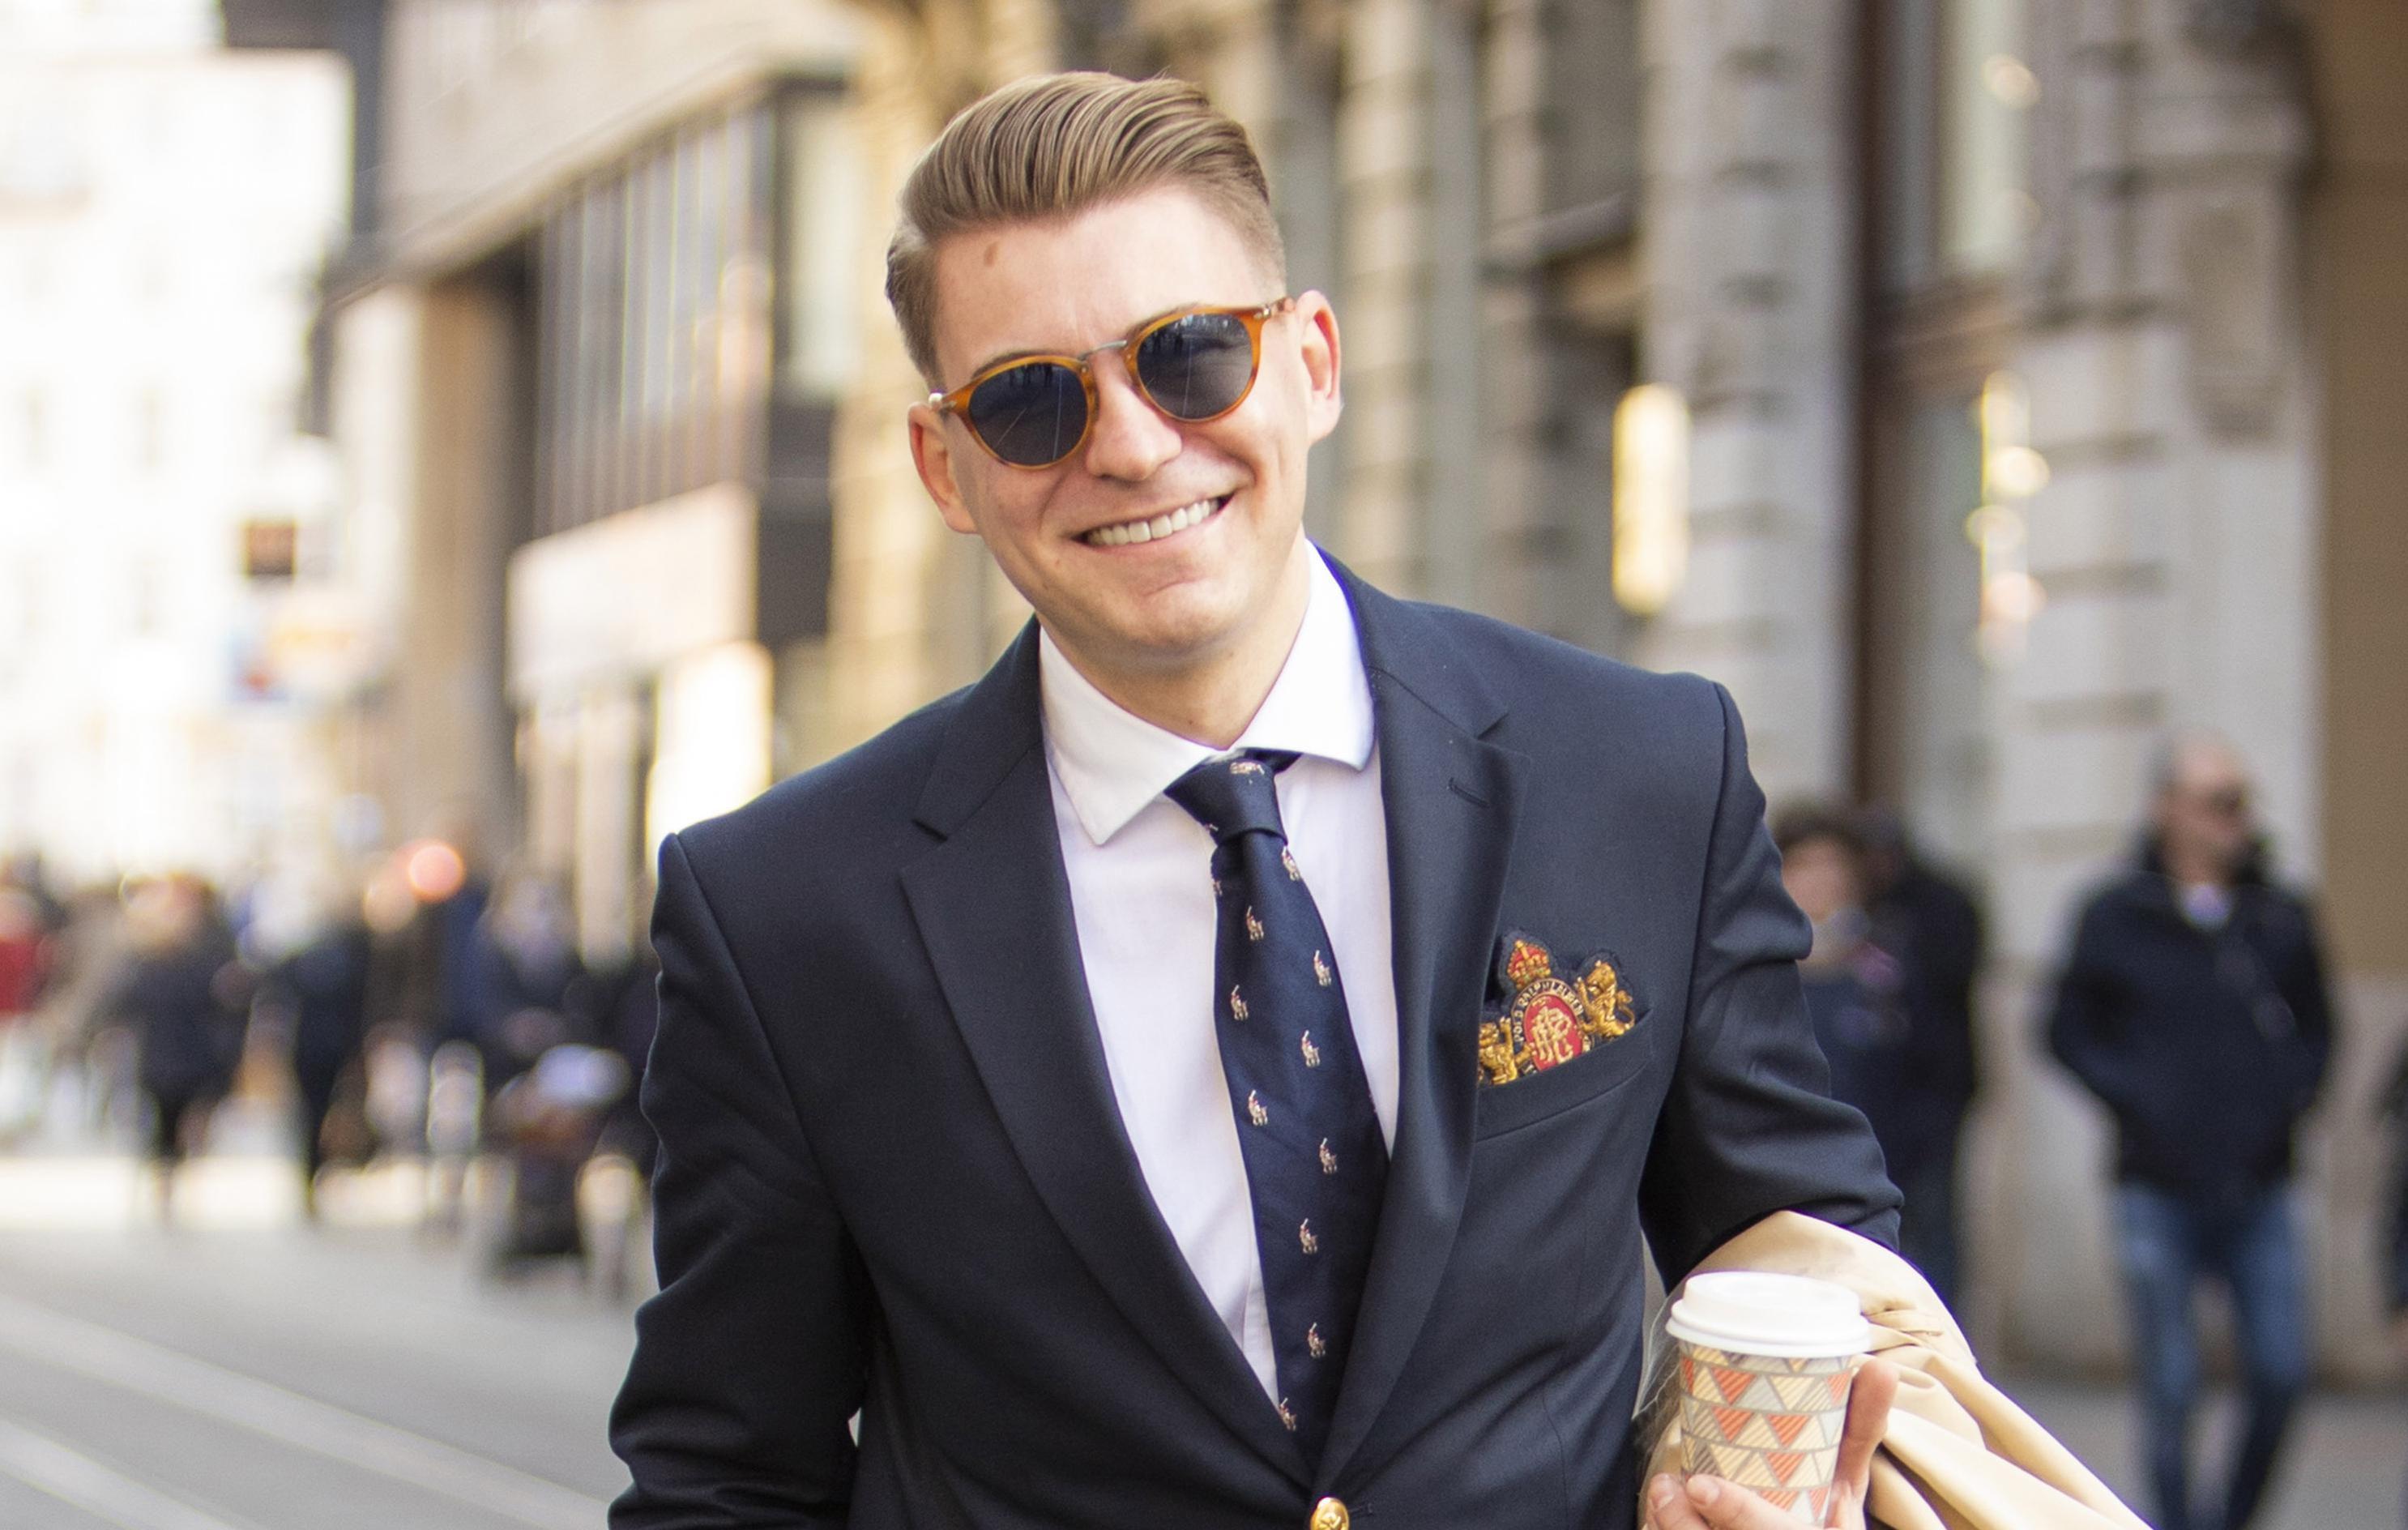 VIsoke čizme i elegantno odijelo? Takav spoj na špici još nismo vidjeli, pogledajte kako ga nosi student međunarodnih odnosa